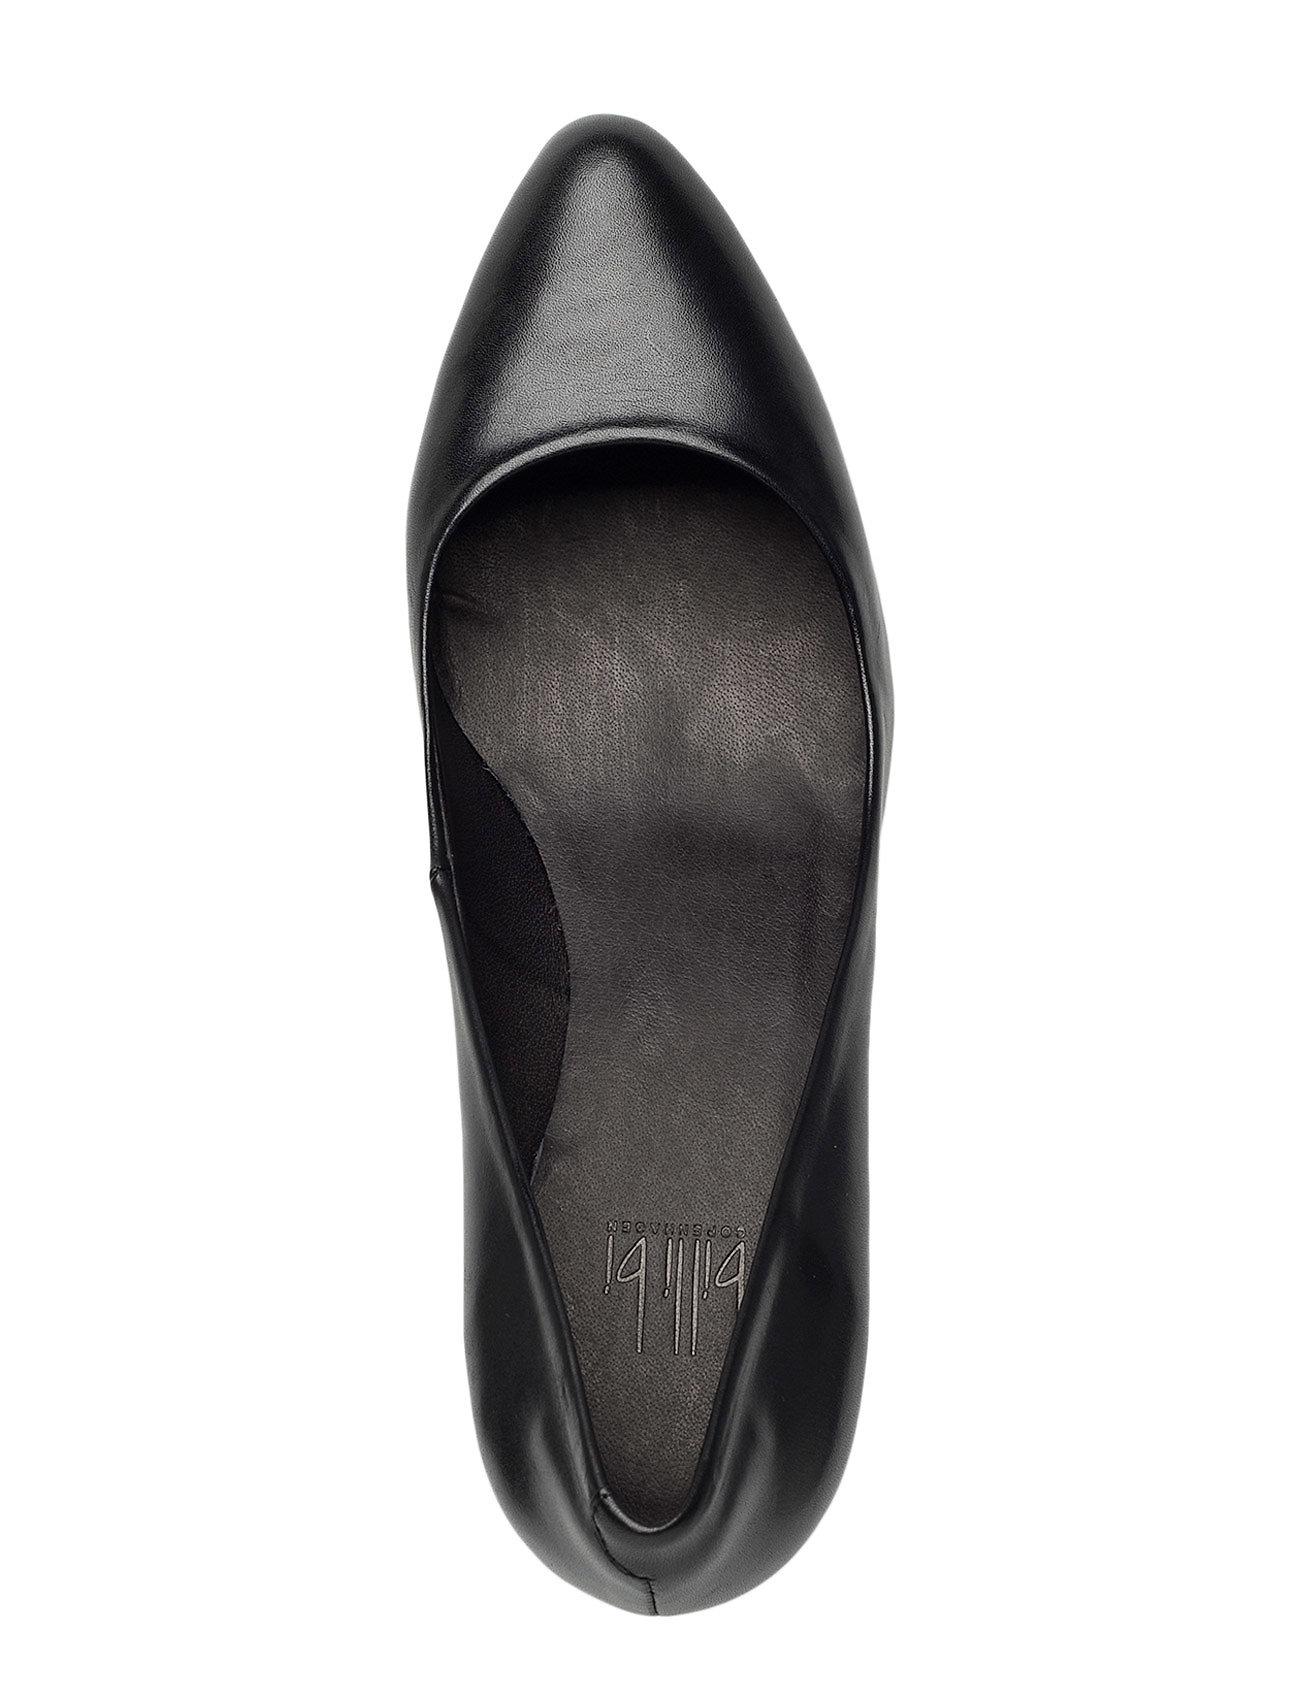 80Billi Shoesblack Bi Calf Bi Shoesblack Calf Calf 80Billi Bi Shoesblack 80Billi Shoesblack On08wPk